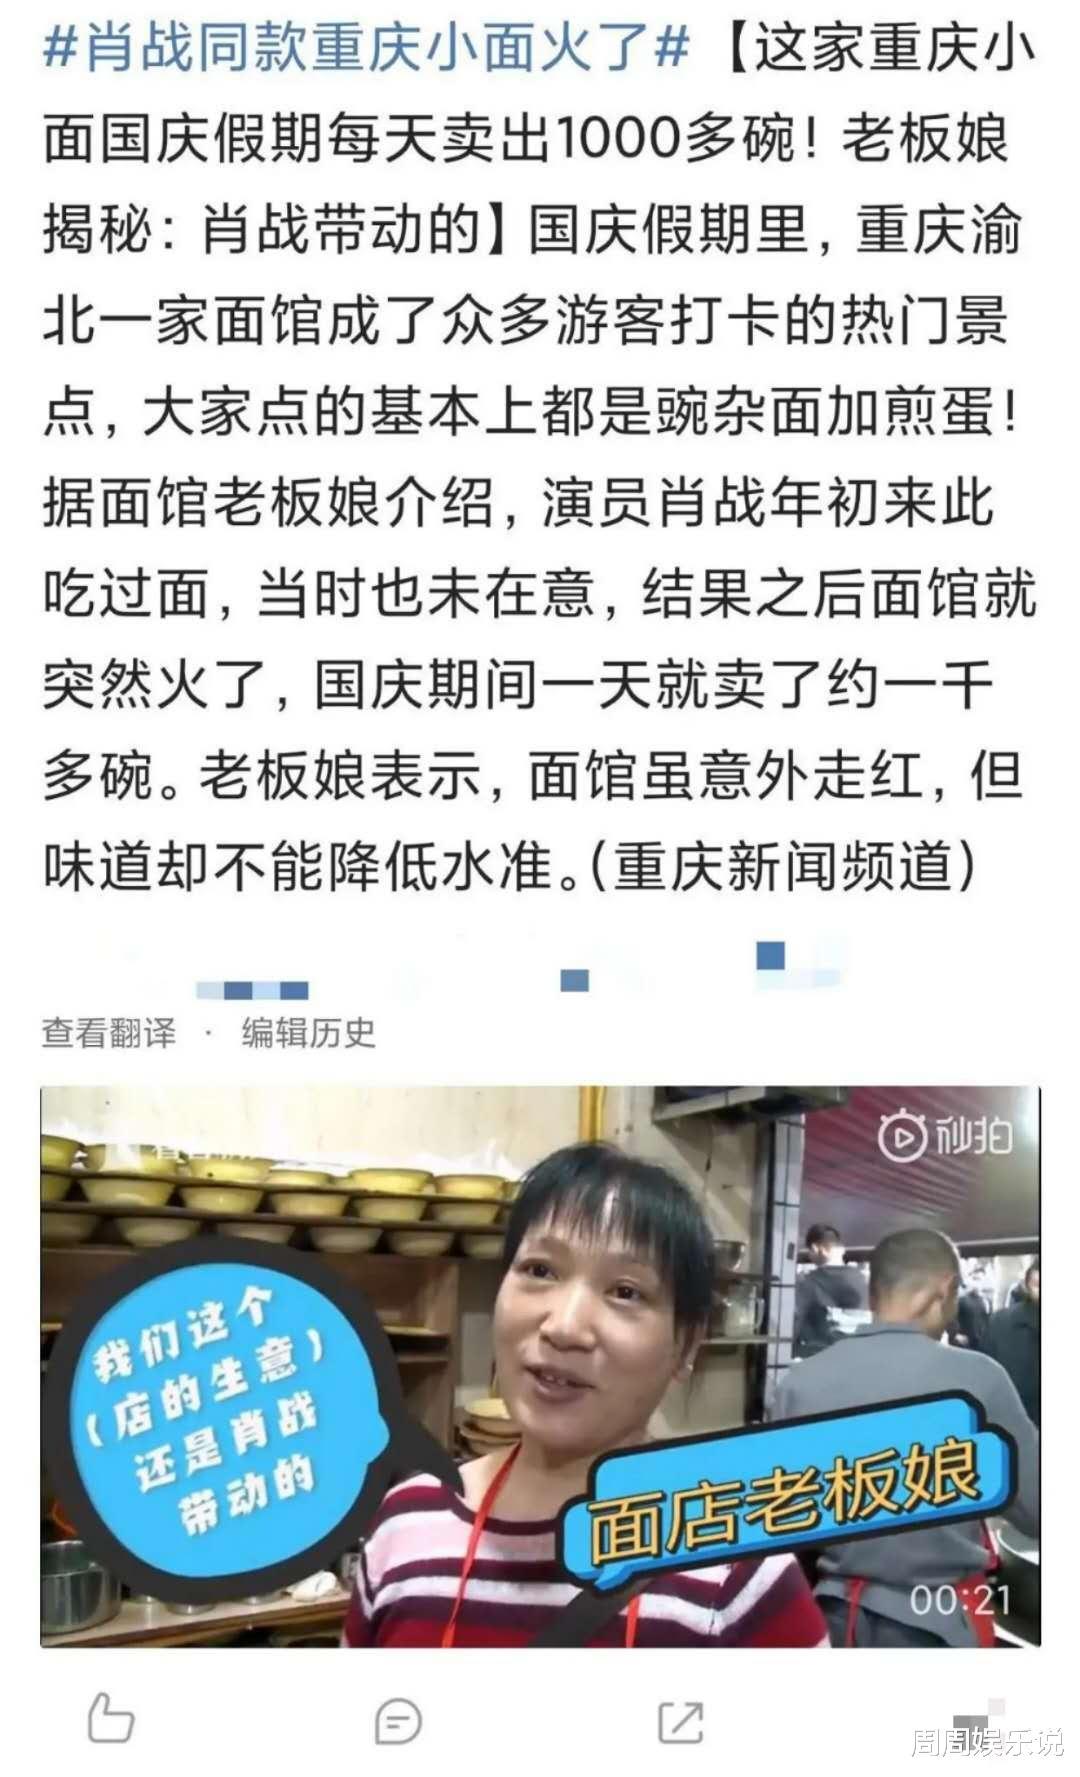 """外媒寵兒!因正面影響力登上日本新西蘭報紙,""""肖戰效應""""成熱詞-圖7"""